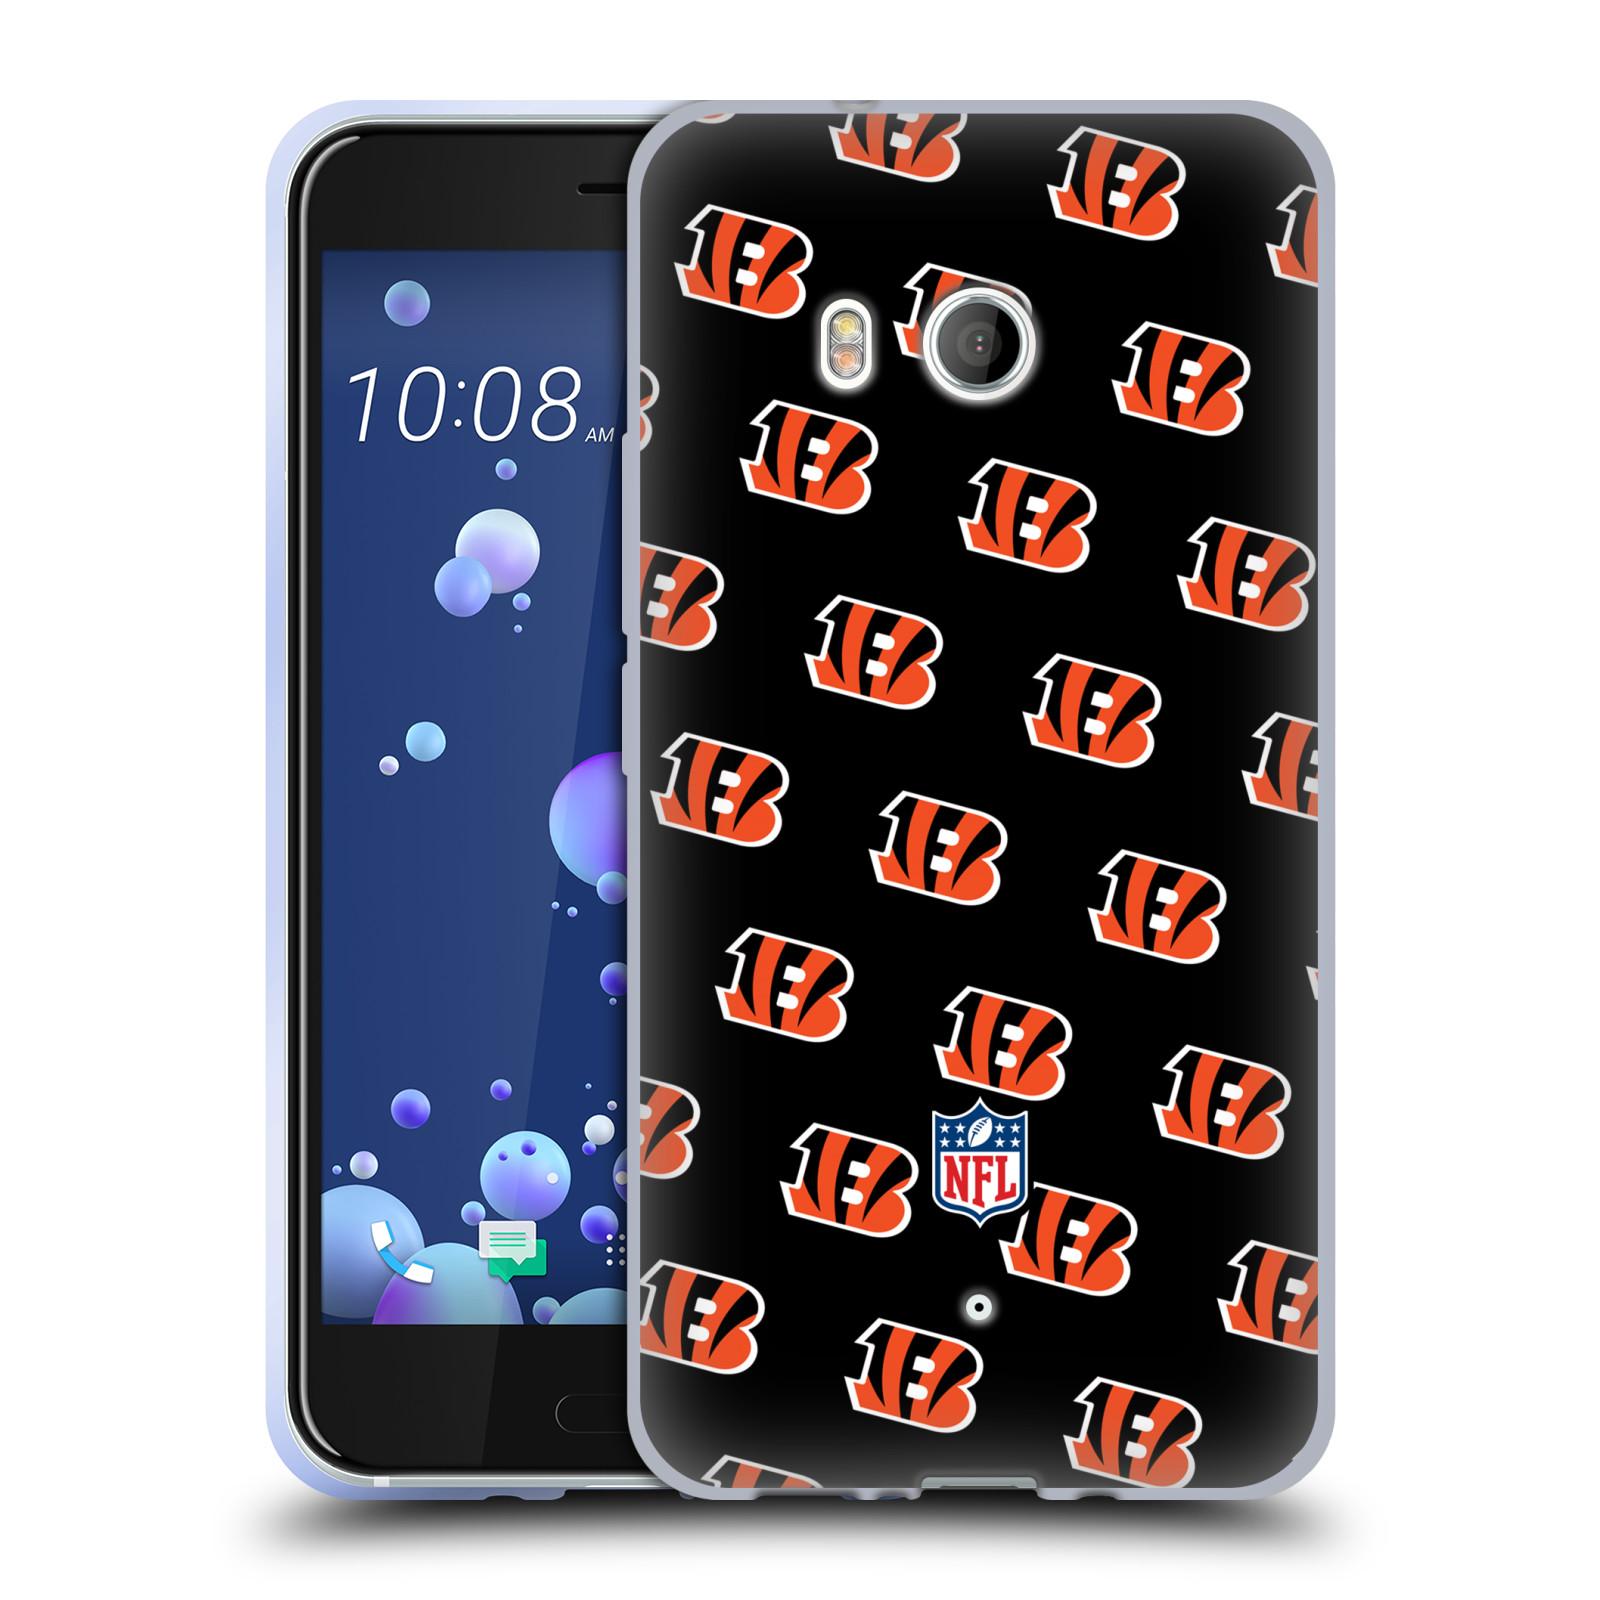 Oficial-de-la-NFL-2017-18-Cincinnati-Bengals-caso-De-Gel-Suave-para-TELEFONOS-HTC-1